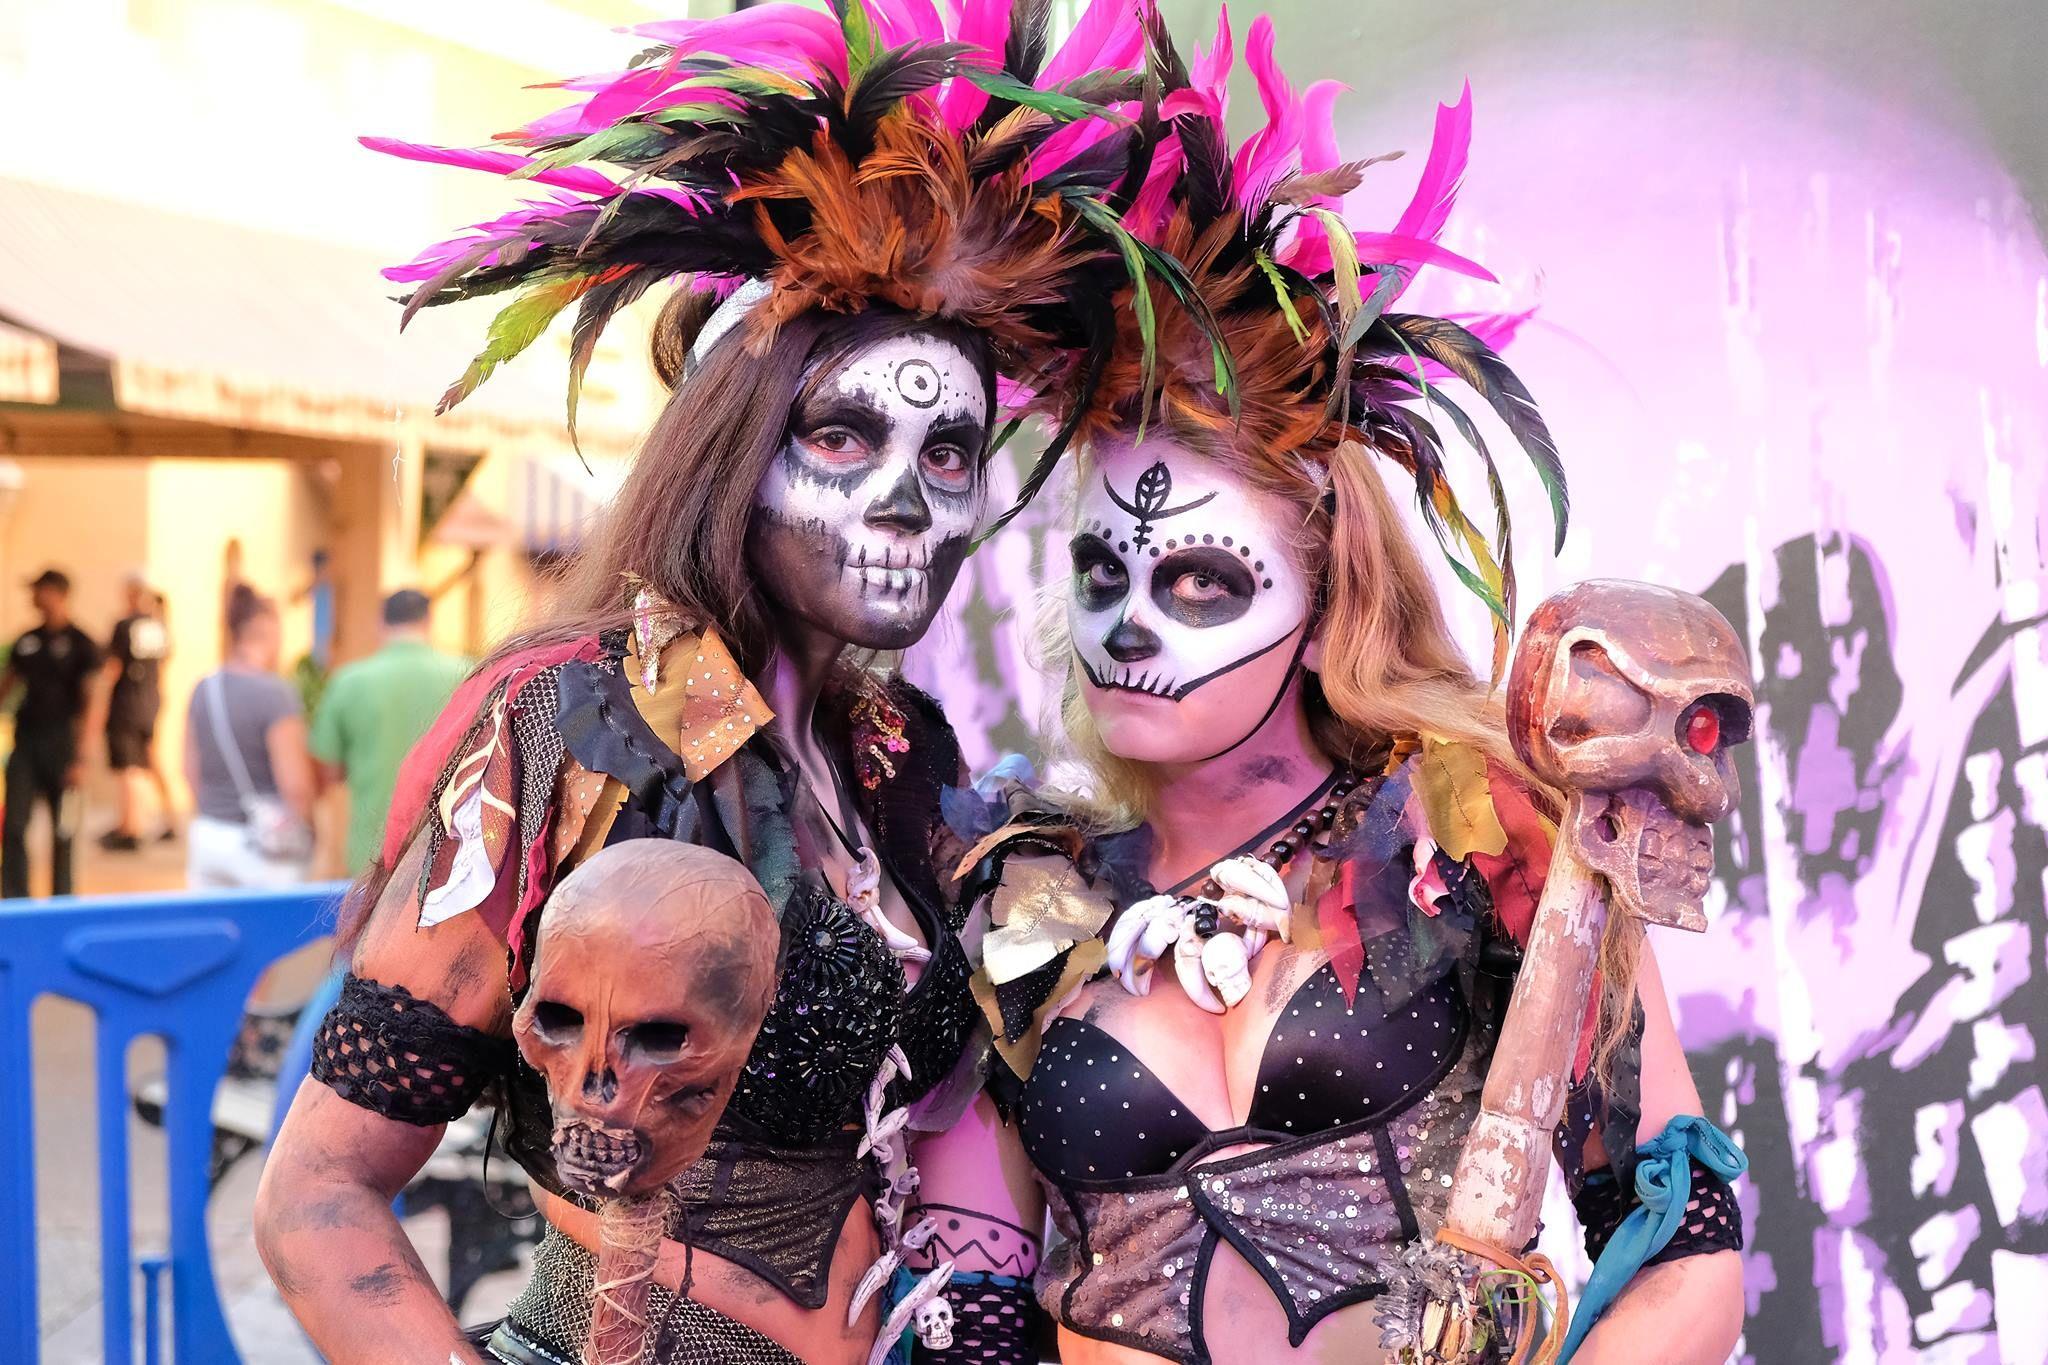 e6ecc2b4b11b1ef44b17a94bfeb9c48e - Best Haunted House At Busch Gardens